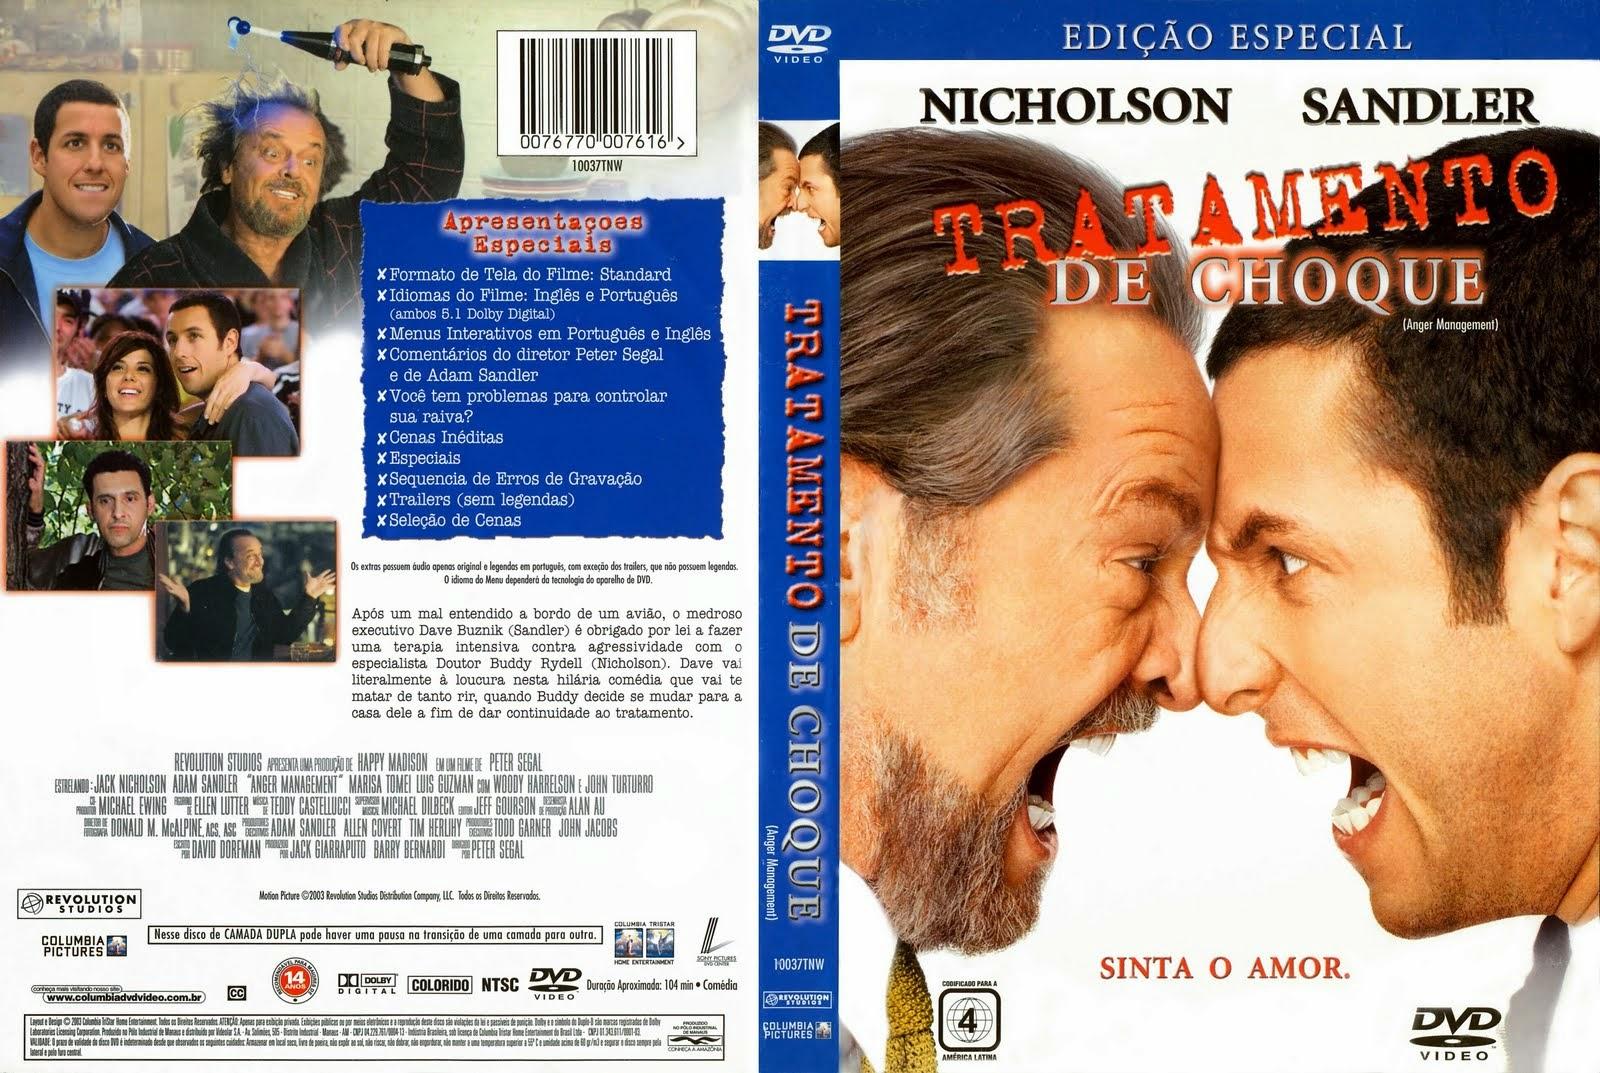 Tratamento De Choque DVD Capa